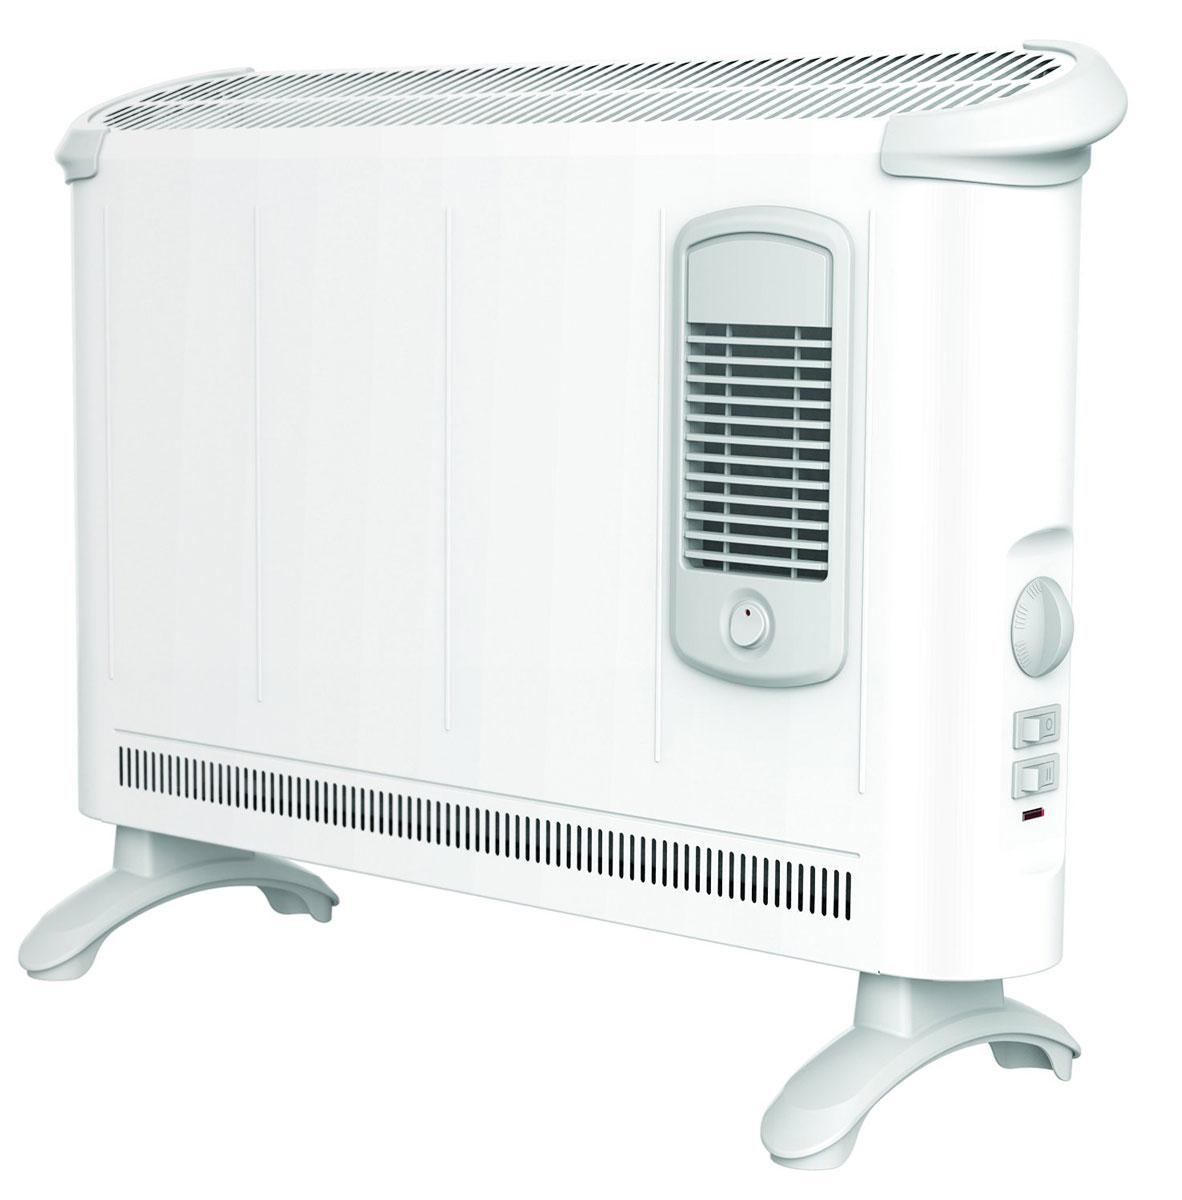 EWT Clima 281 TSF, White конвекторClima 281 TSFКонвектор EWT Clima 281 TSF идеально подходит для переходного периода осенью и весной или в качестве полного отопления для небольших жилых помещений. Благодаря своей мобильности его с легкостью можно установить практически везде - достаточно всего лишь розетки. Бесшумно проходящий вверх через нагревательные элементы воздух быстро и равномерно нагревает помещения. Экономичная рециркуляция тепла больших объемов создает приятный и сбалансированный климат уюта.